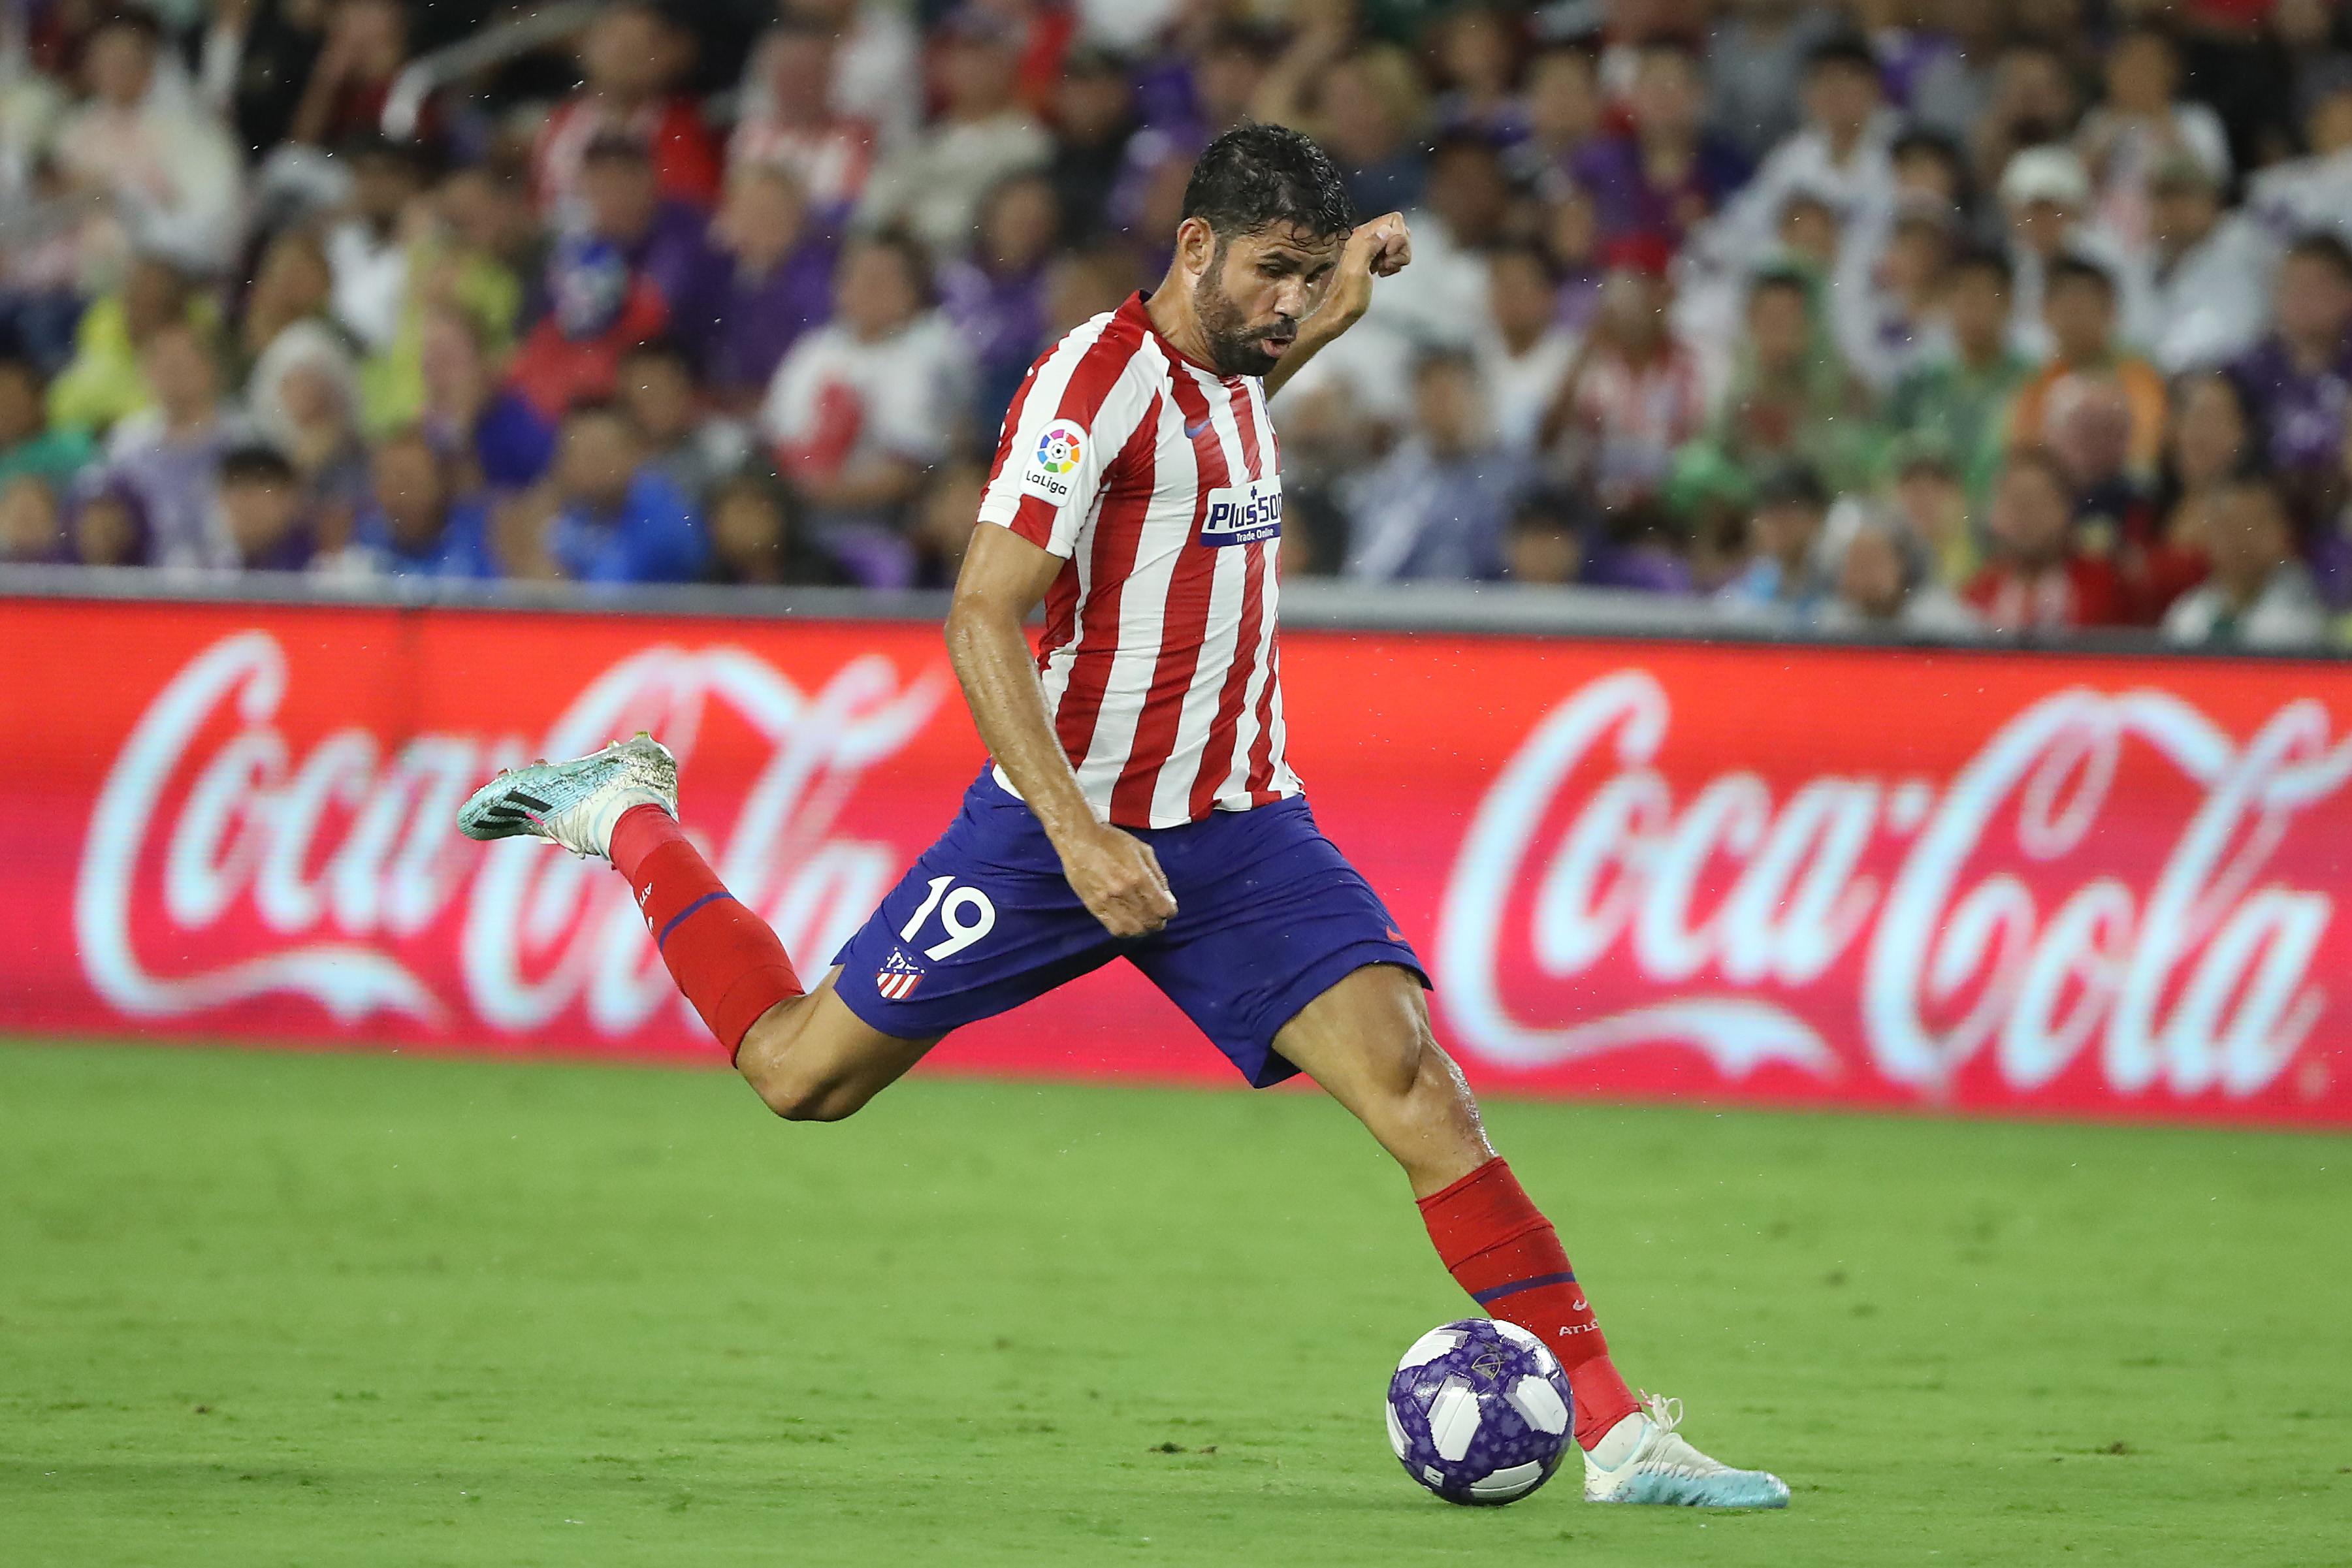 Diego Costa, attaccante dell'Atletico Madrid: infortunio all'inguine, data incerta